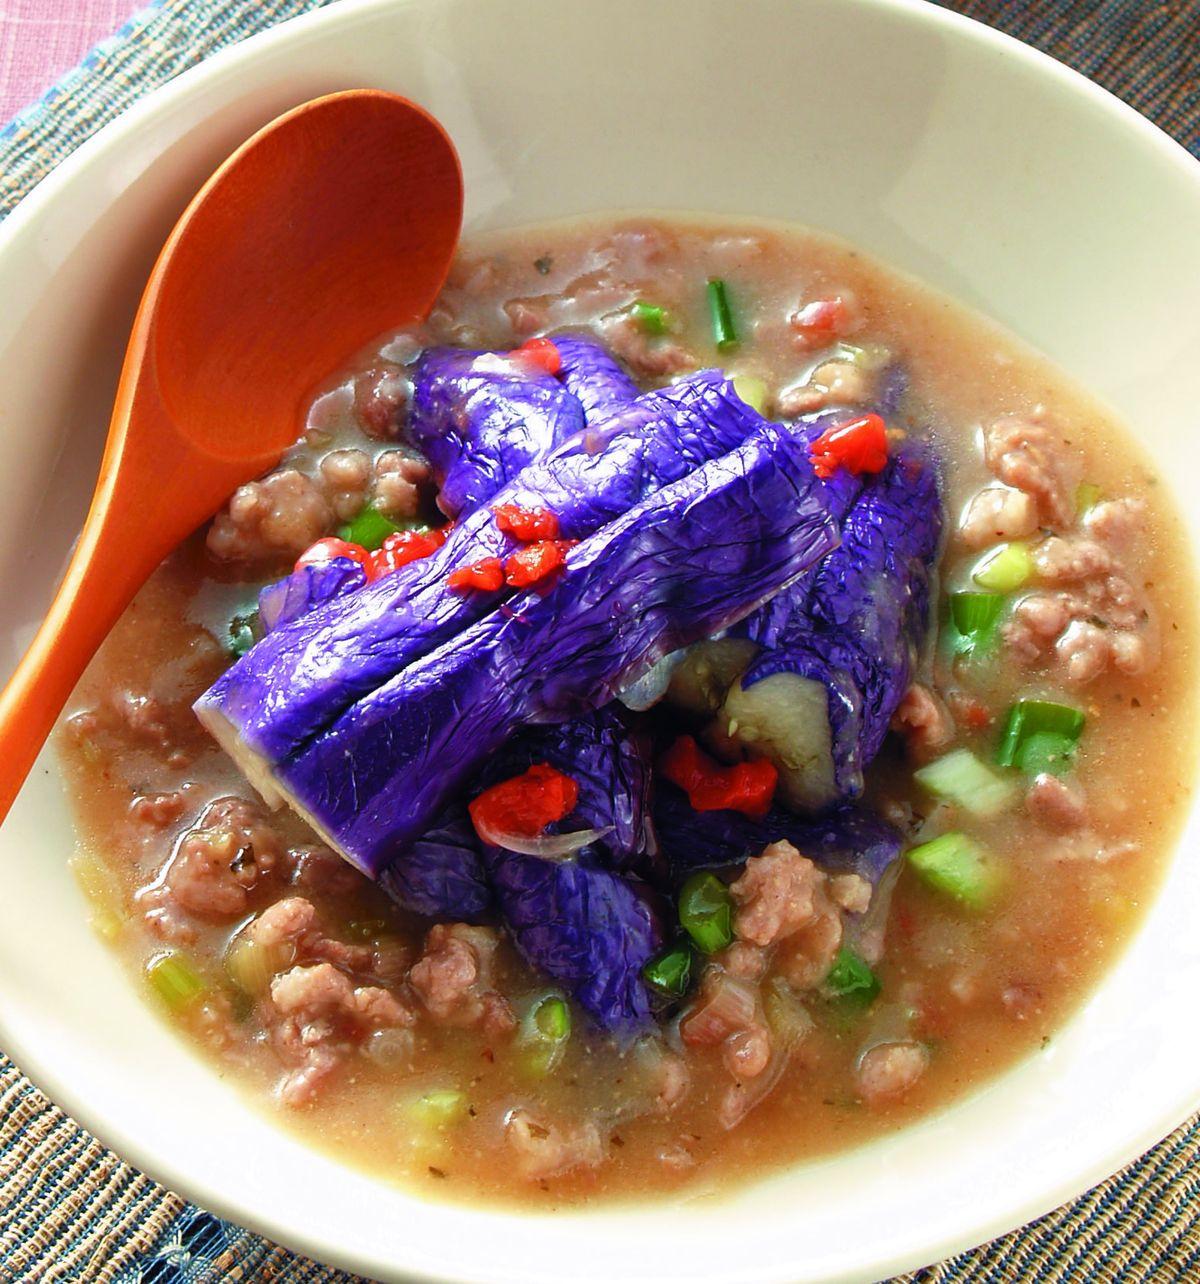 食譜:梅肉醬汁淋紫茄